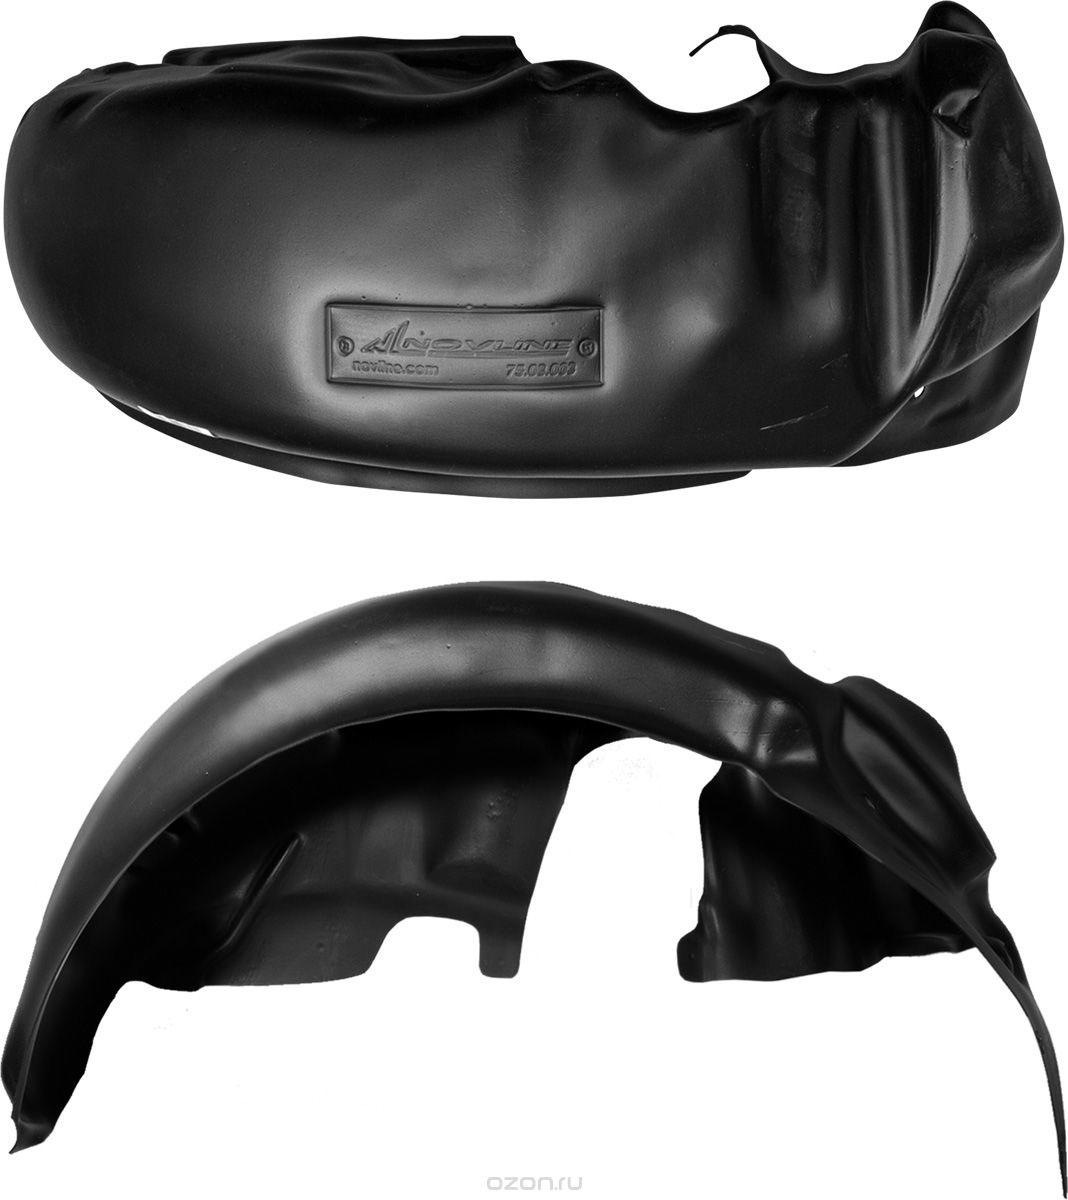 Подкрылок Novline-Autofamily, для CHEVROLET Аveo 2004-2008, хб., задний левый004303Идеальная защита колесной ниши. Локеры разработаны с применением цифровых технологий, гарантируют максимальную повторяемость поверхности арки. Изделия устанавливаются без нарушения лакокрасочного покрытия автомобиля, каждый подкрылок комплектуется крепежом. Уважаемые клиенты, обращаем ваше внимание, что фотографии на подкрылки универсальные и не отражают реальную форму изделия. При этом само изделие идет точно под размер указанного автомобиля.